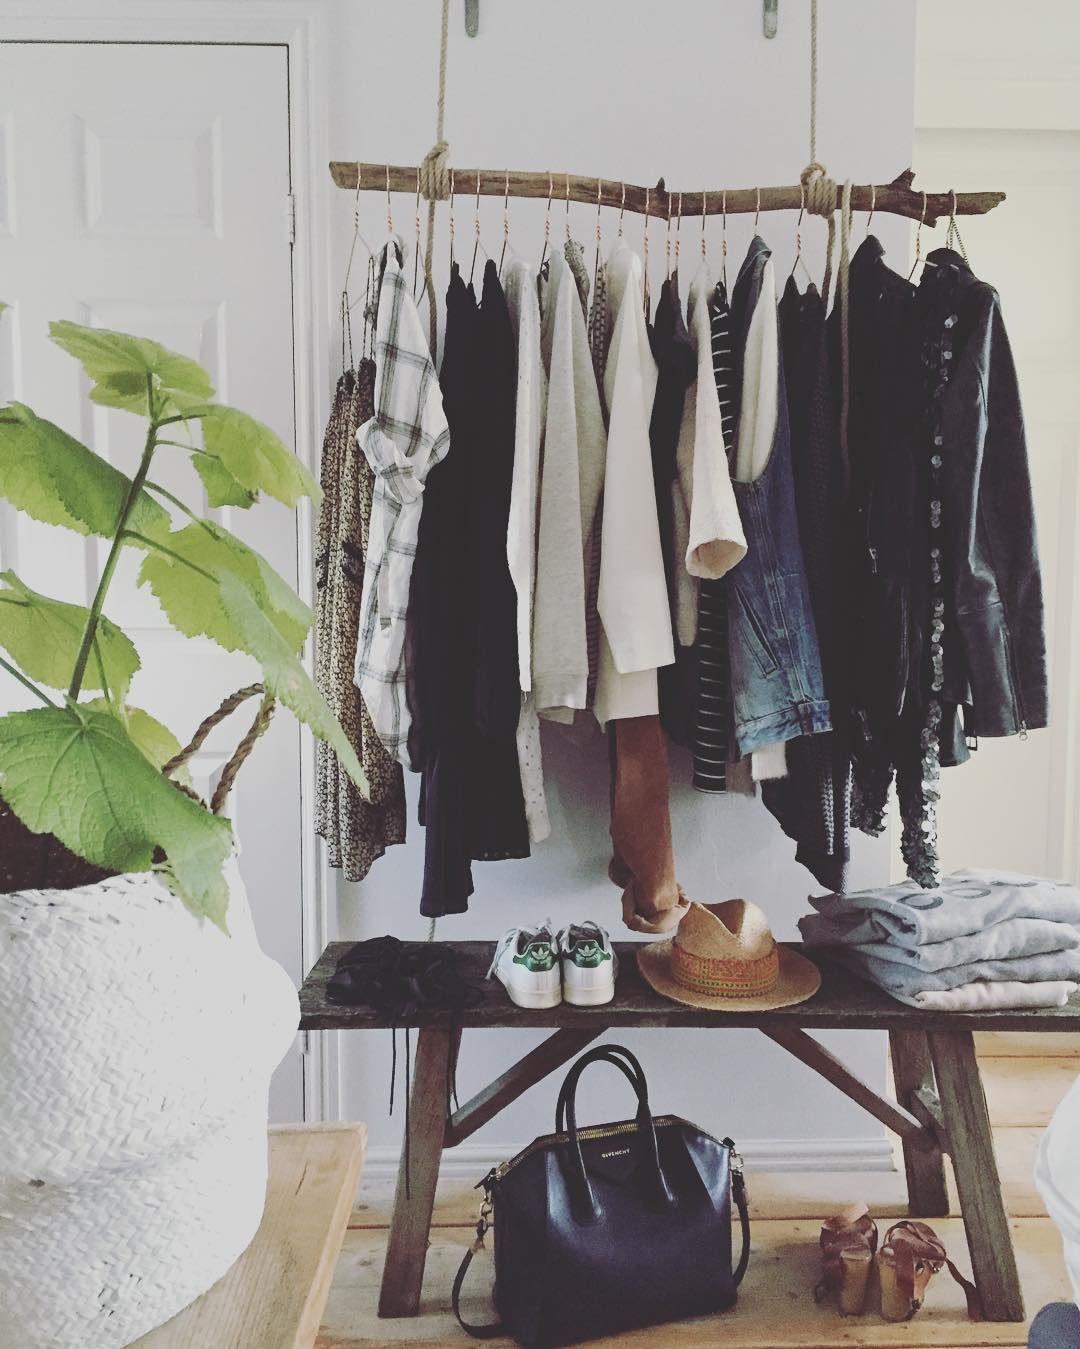 75 Instagram Interieur Inspiratie Top 5